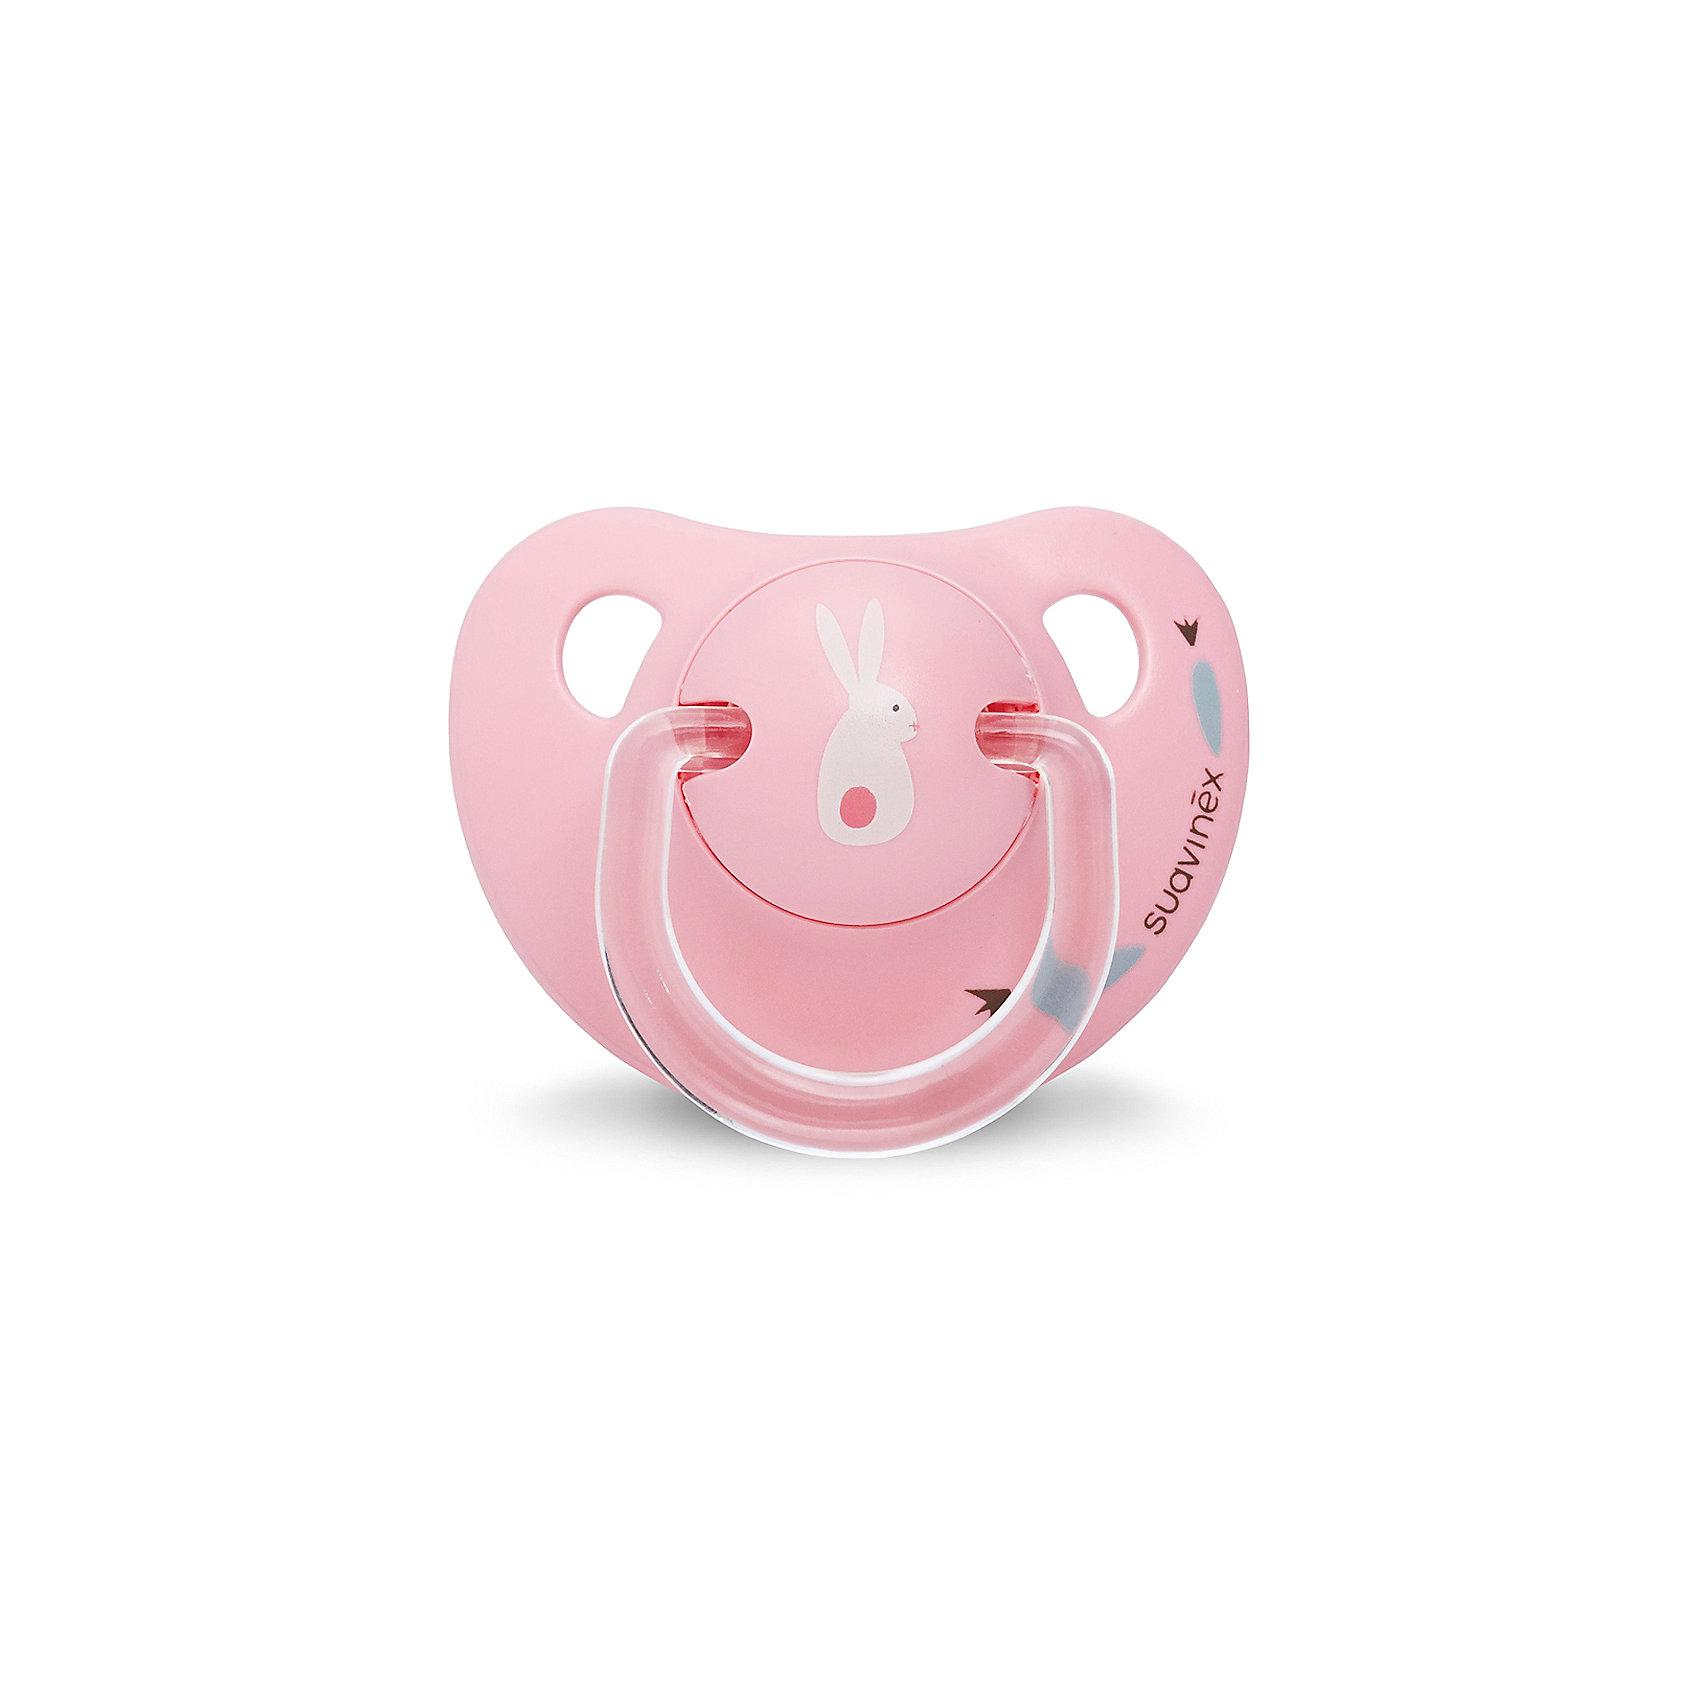 Пустышка силиконовая, 0-6 мес, Suavinex, розововый кроликПустышки и аксессуары<br>Характеристики:<br><br>• Наименование: пустышка<br>• Рекомендуемый возраст: от 0 до 6 месяцев<br>• Пол: для девочки<br>• Материал: силикон, пластик<br>• Цвет: розовый, белый<br>• Рисунок: кролик<br>• Форма: анатомическая<br>• Наличие вентиляционных отверстий <br>• Кольцо для держателя<br>• Вес: 27 г<br>• Параметры (Д*Ш*В): 5,4*6,5*10,9 см <br>• Особенности ухода: можно мыть в теплой воде, регулярная стерилизация <br><br>Пустышка силиконовая 0-6 мес, Suavinex, розовый кролик изготовлена испанским торговым брендом, специализирующимся на выпуске товаров для кормления и аксессуаров новорожденным и младенцам. Продукция от Suavinex разработана с учетом рекомендаций педиатров и стоматологов, что гарантирует качество и безопасность использованных материалов. <br><br>Пластик, из которого изготовлено изделие, устойчив к появлению царапин и сколов, благодаря чему пустышка длительное время сохраняет свои гигиенические свойства. Форма у соски способствует равномерному распределению давления на небо, что обеспечивает правильное формирование речевого аппарата. <br><br>Пустышка имеет анатомическую форму, для прикрепления держателя предусмотрено кольцо. Изделие выполнено в брендовом дизайне, с изображением кролика. Рисунок нанесен по инновационной технологии, которая обеспечивает его стойкость даже при длительном использовании и частой стерилизации.<br><br>Пустышку силиконовую 0-6 мес, Suavinex, розовый кролик можно купить в нашем интернет-магазине.<br><br>Ширина мм: 54<br>Глубина мм: 65<br>Высота мм: 109<br>Вес г: 27<br>Возраст от месяцев: 0<br>Возраст до месяцев: 6<br>Пол: Женский<br>Возраст: Детский<br>SKU: 5451358